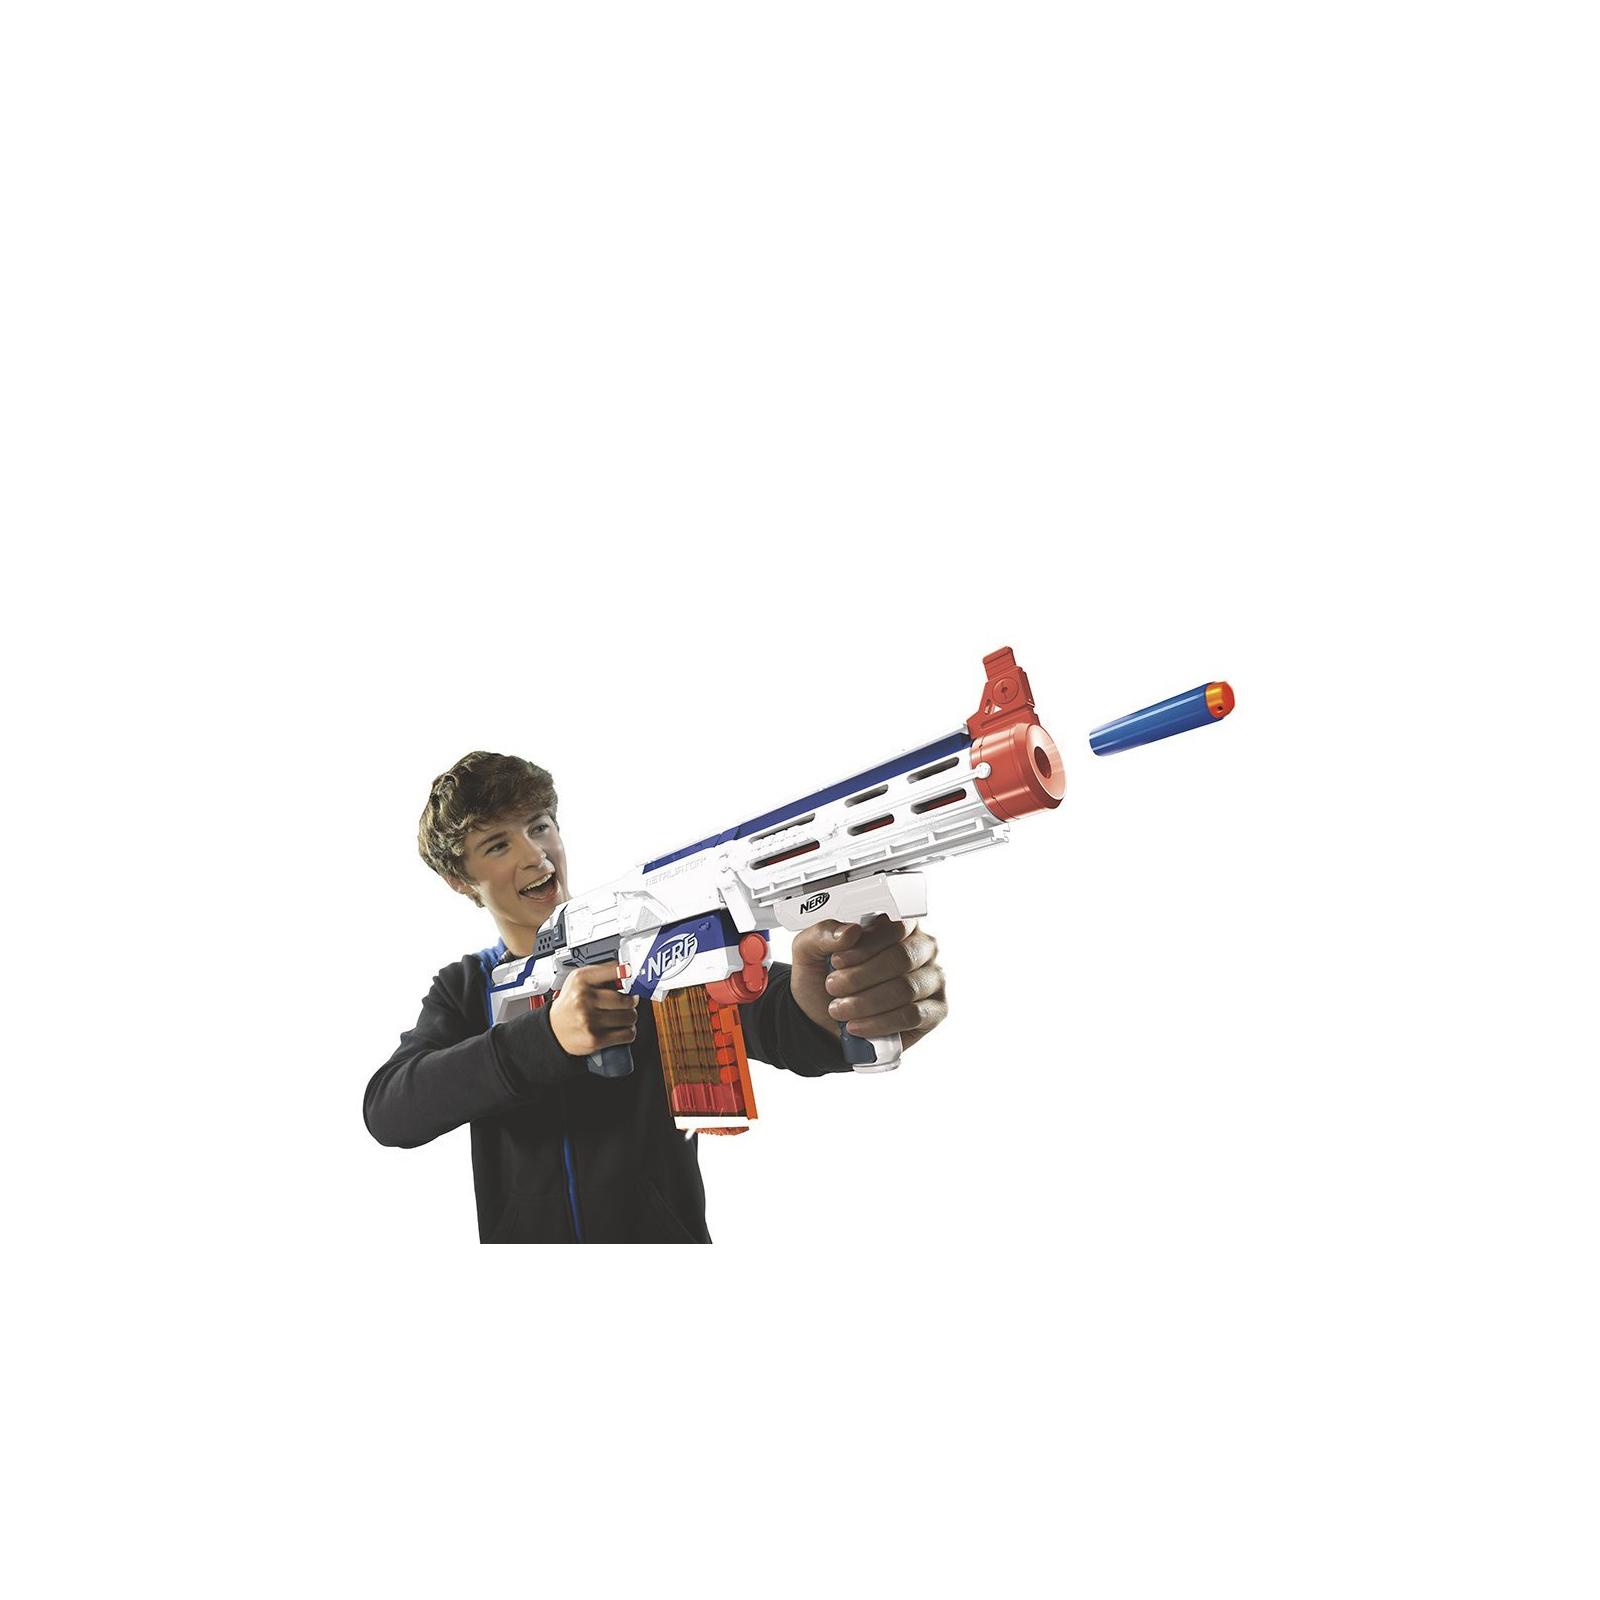 Игрушечное оружие Hasbro Nerf Бластер Элит Риталиэйтор (98696E35) изображение 3